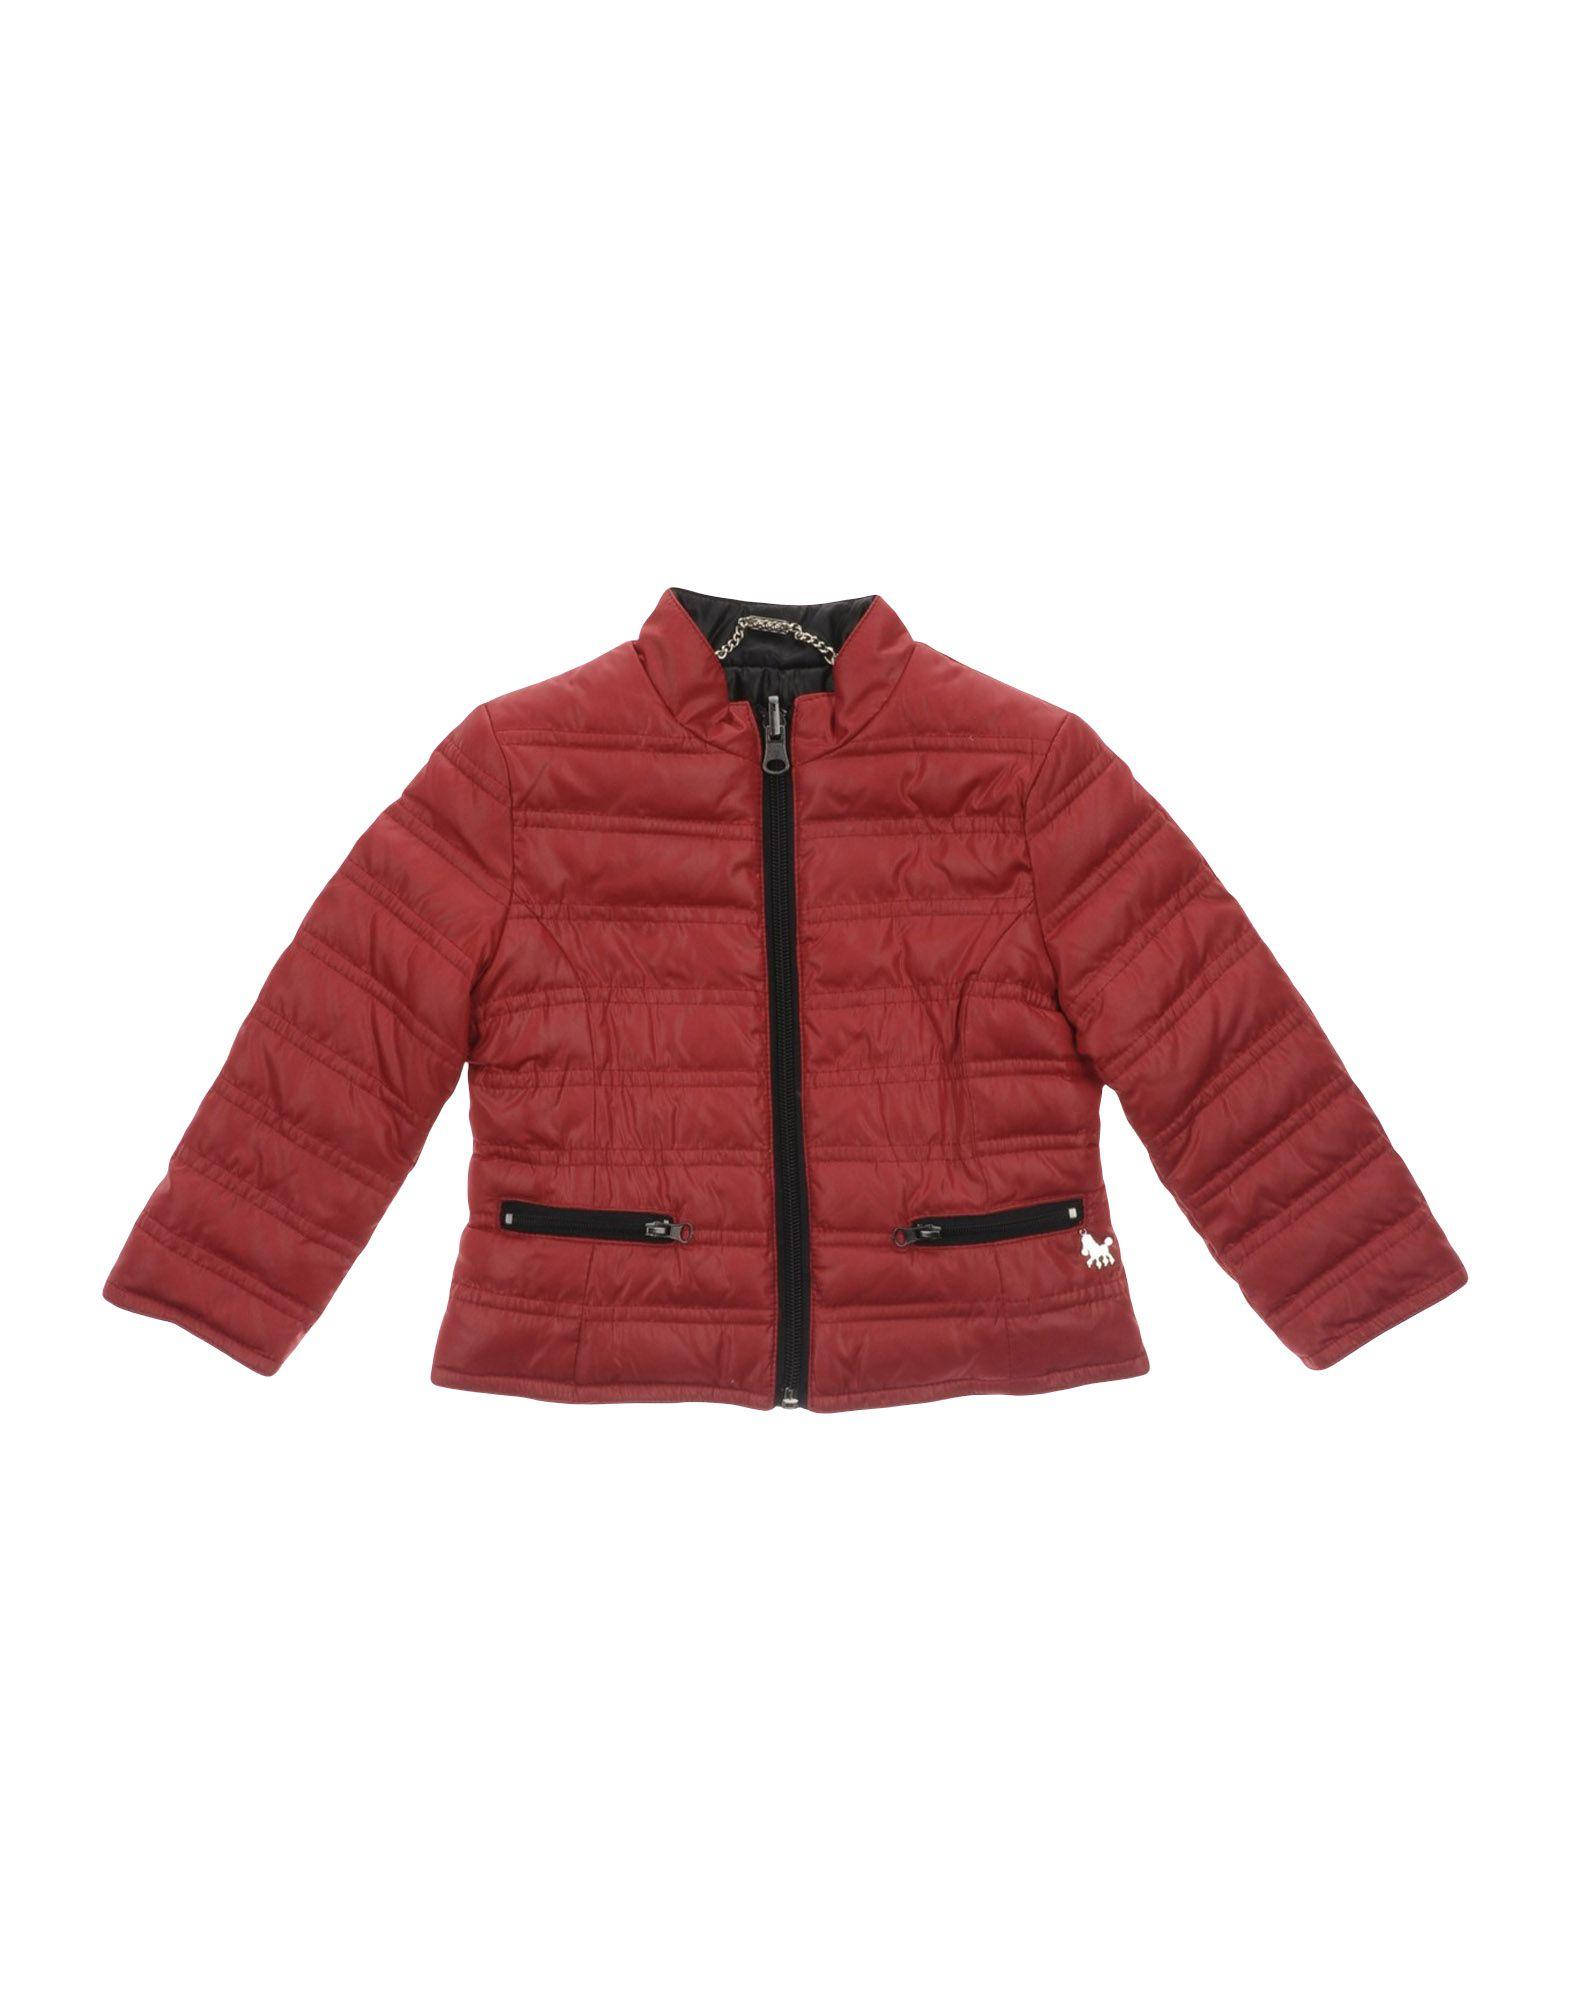 L:Ú L:Ú by MISS GRANT Down jackets - Item 41660814